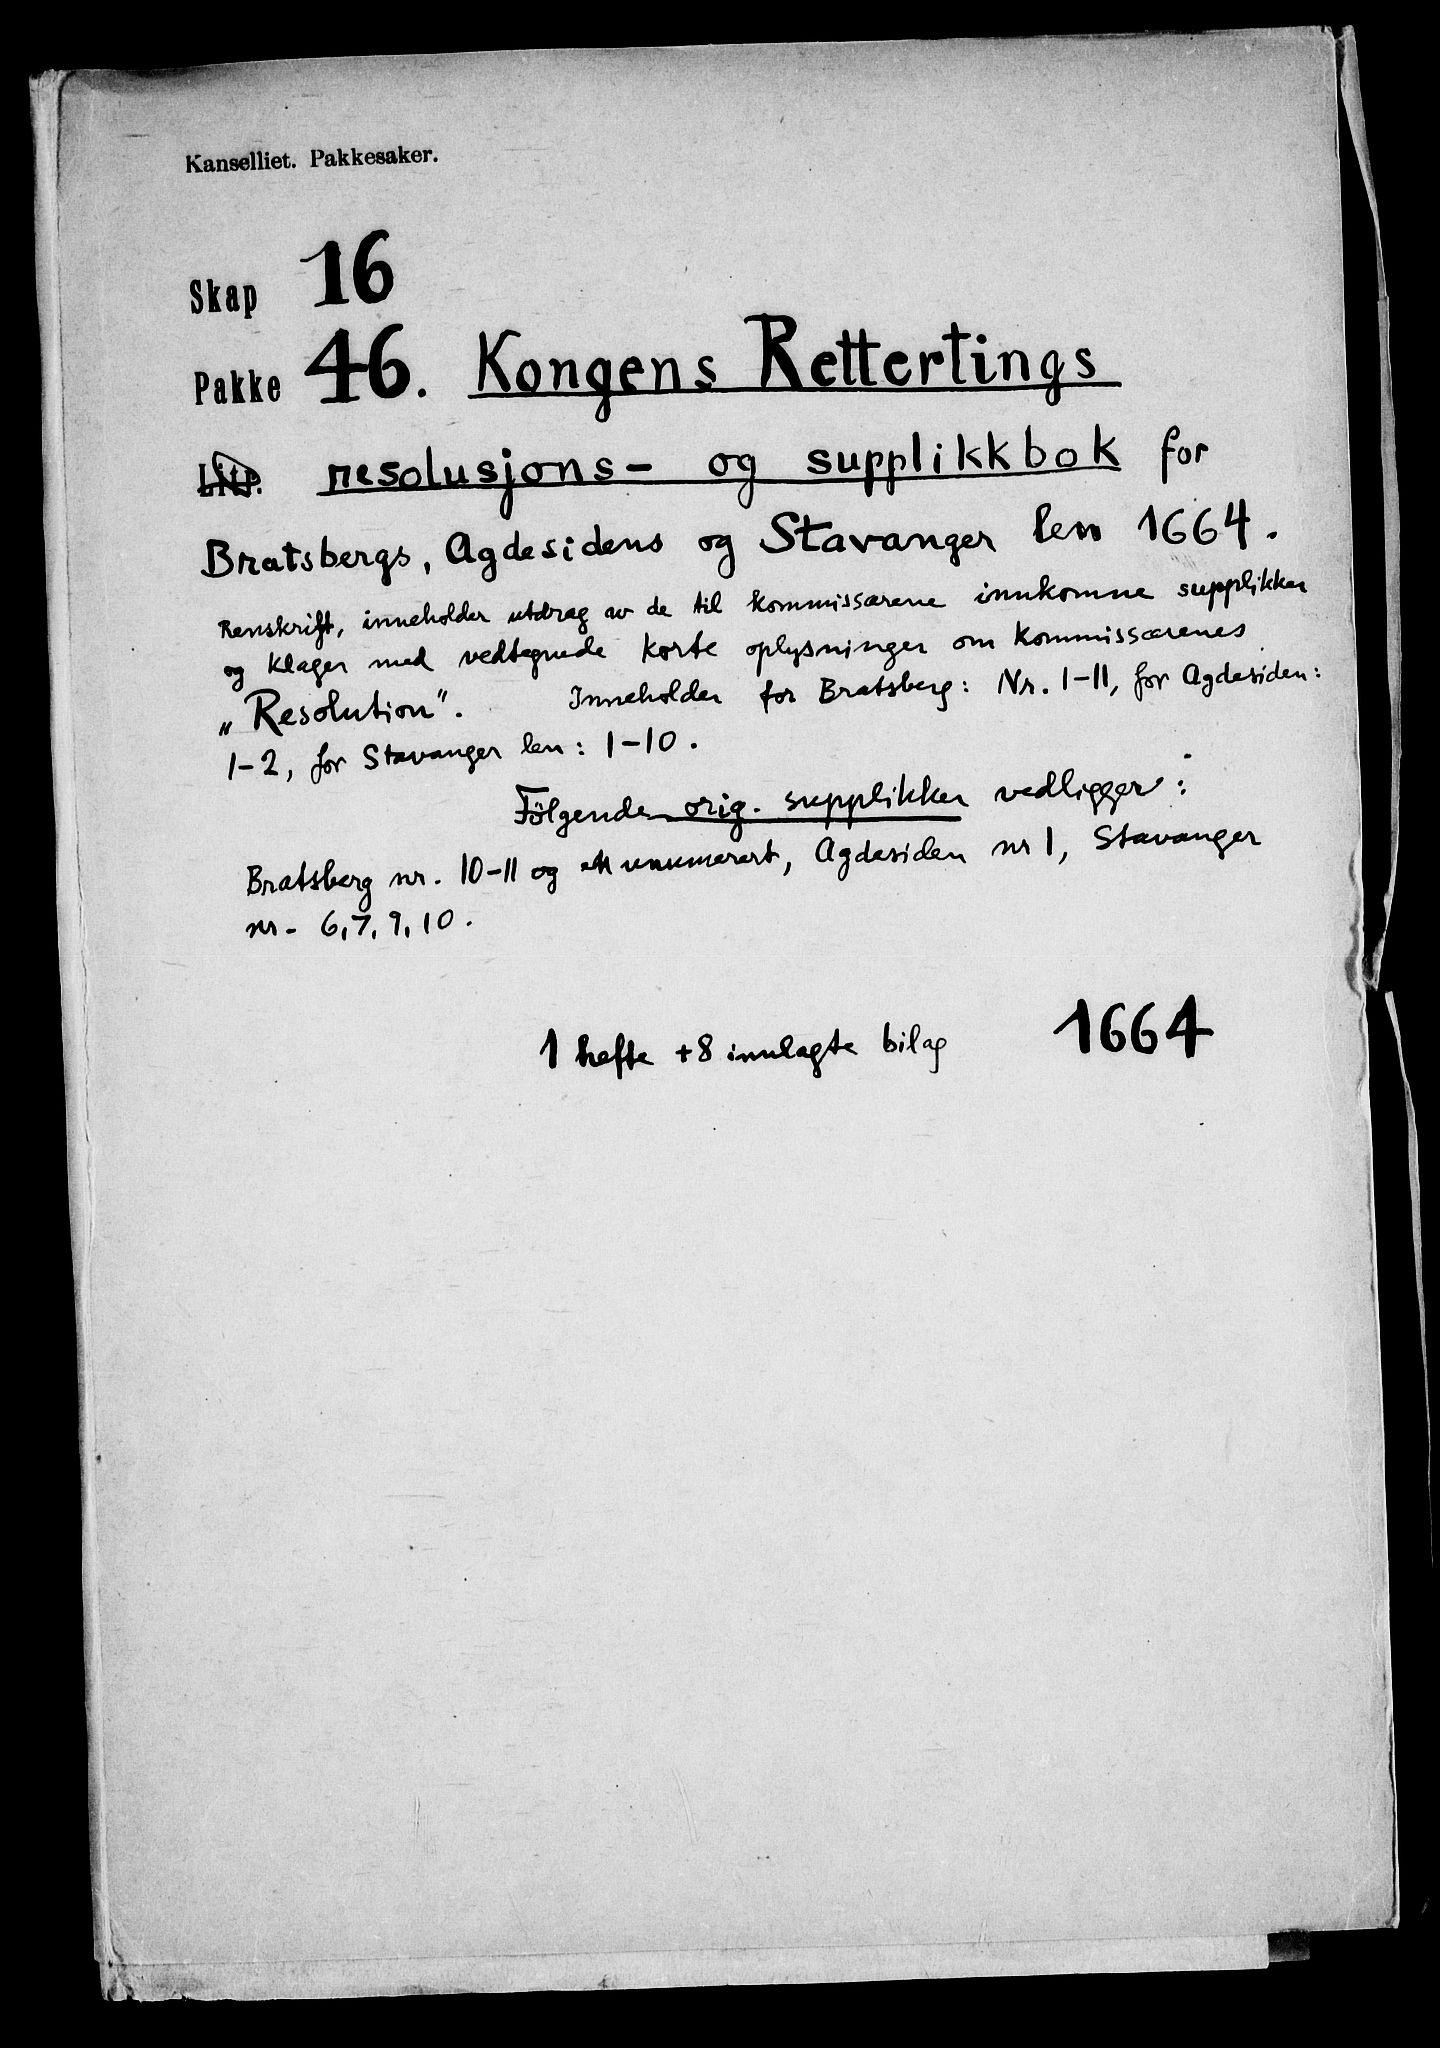 RA, Danske Kanselli, Skapsaker, F/L0116: Skap 16, pakke 42-47, 1625-1717, p. 232